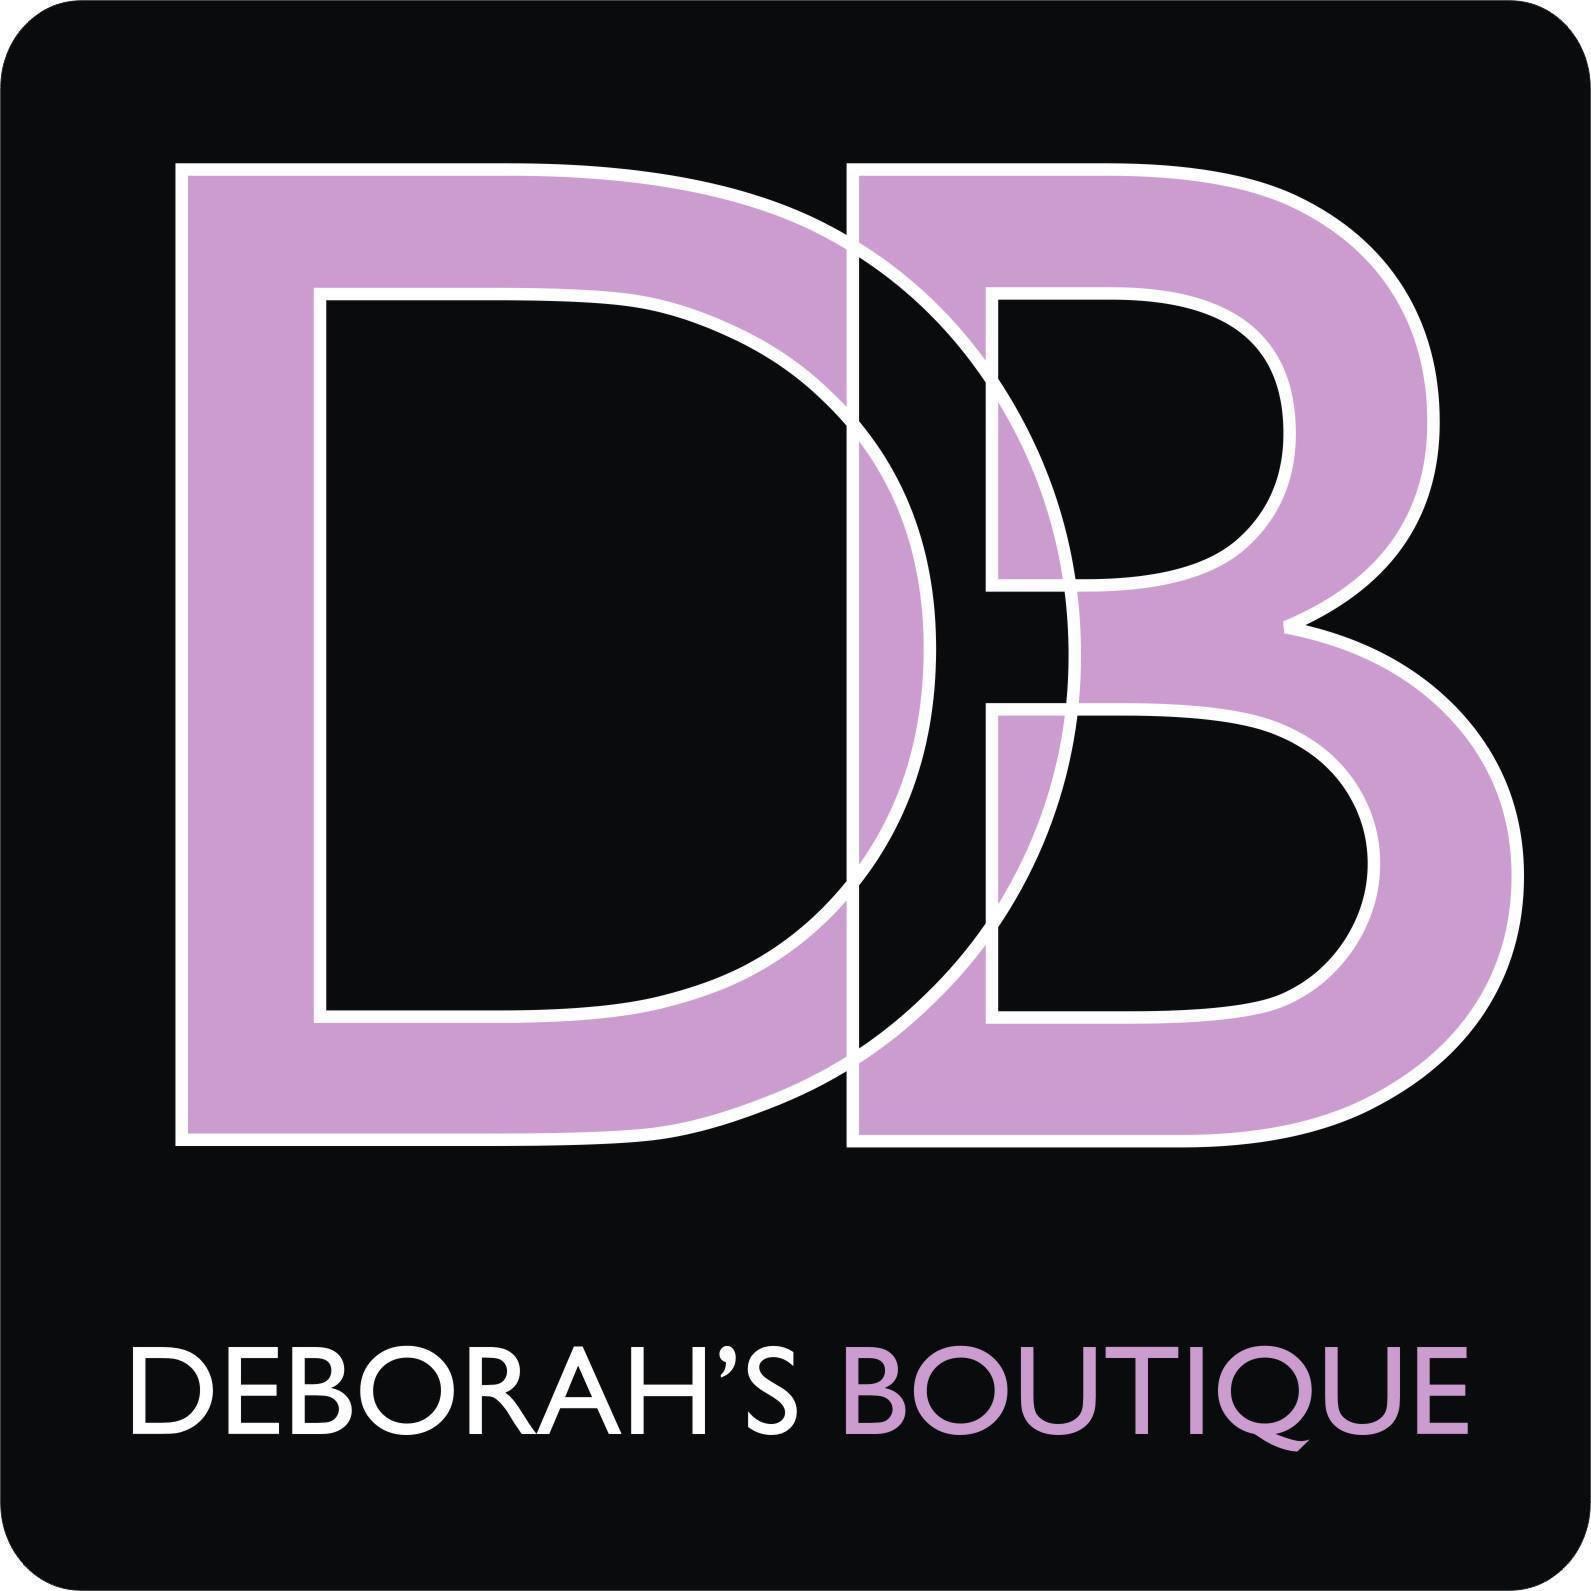 Deborah's Boutique image 9